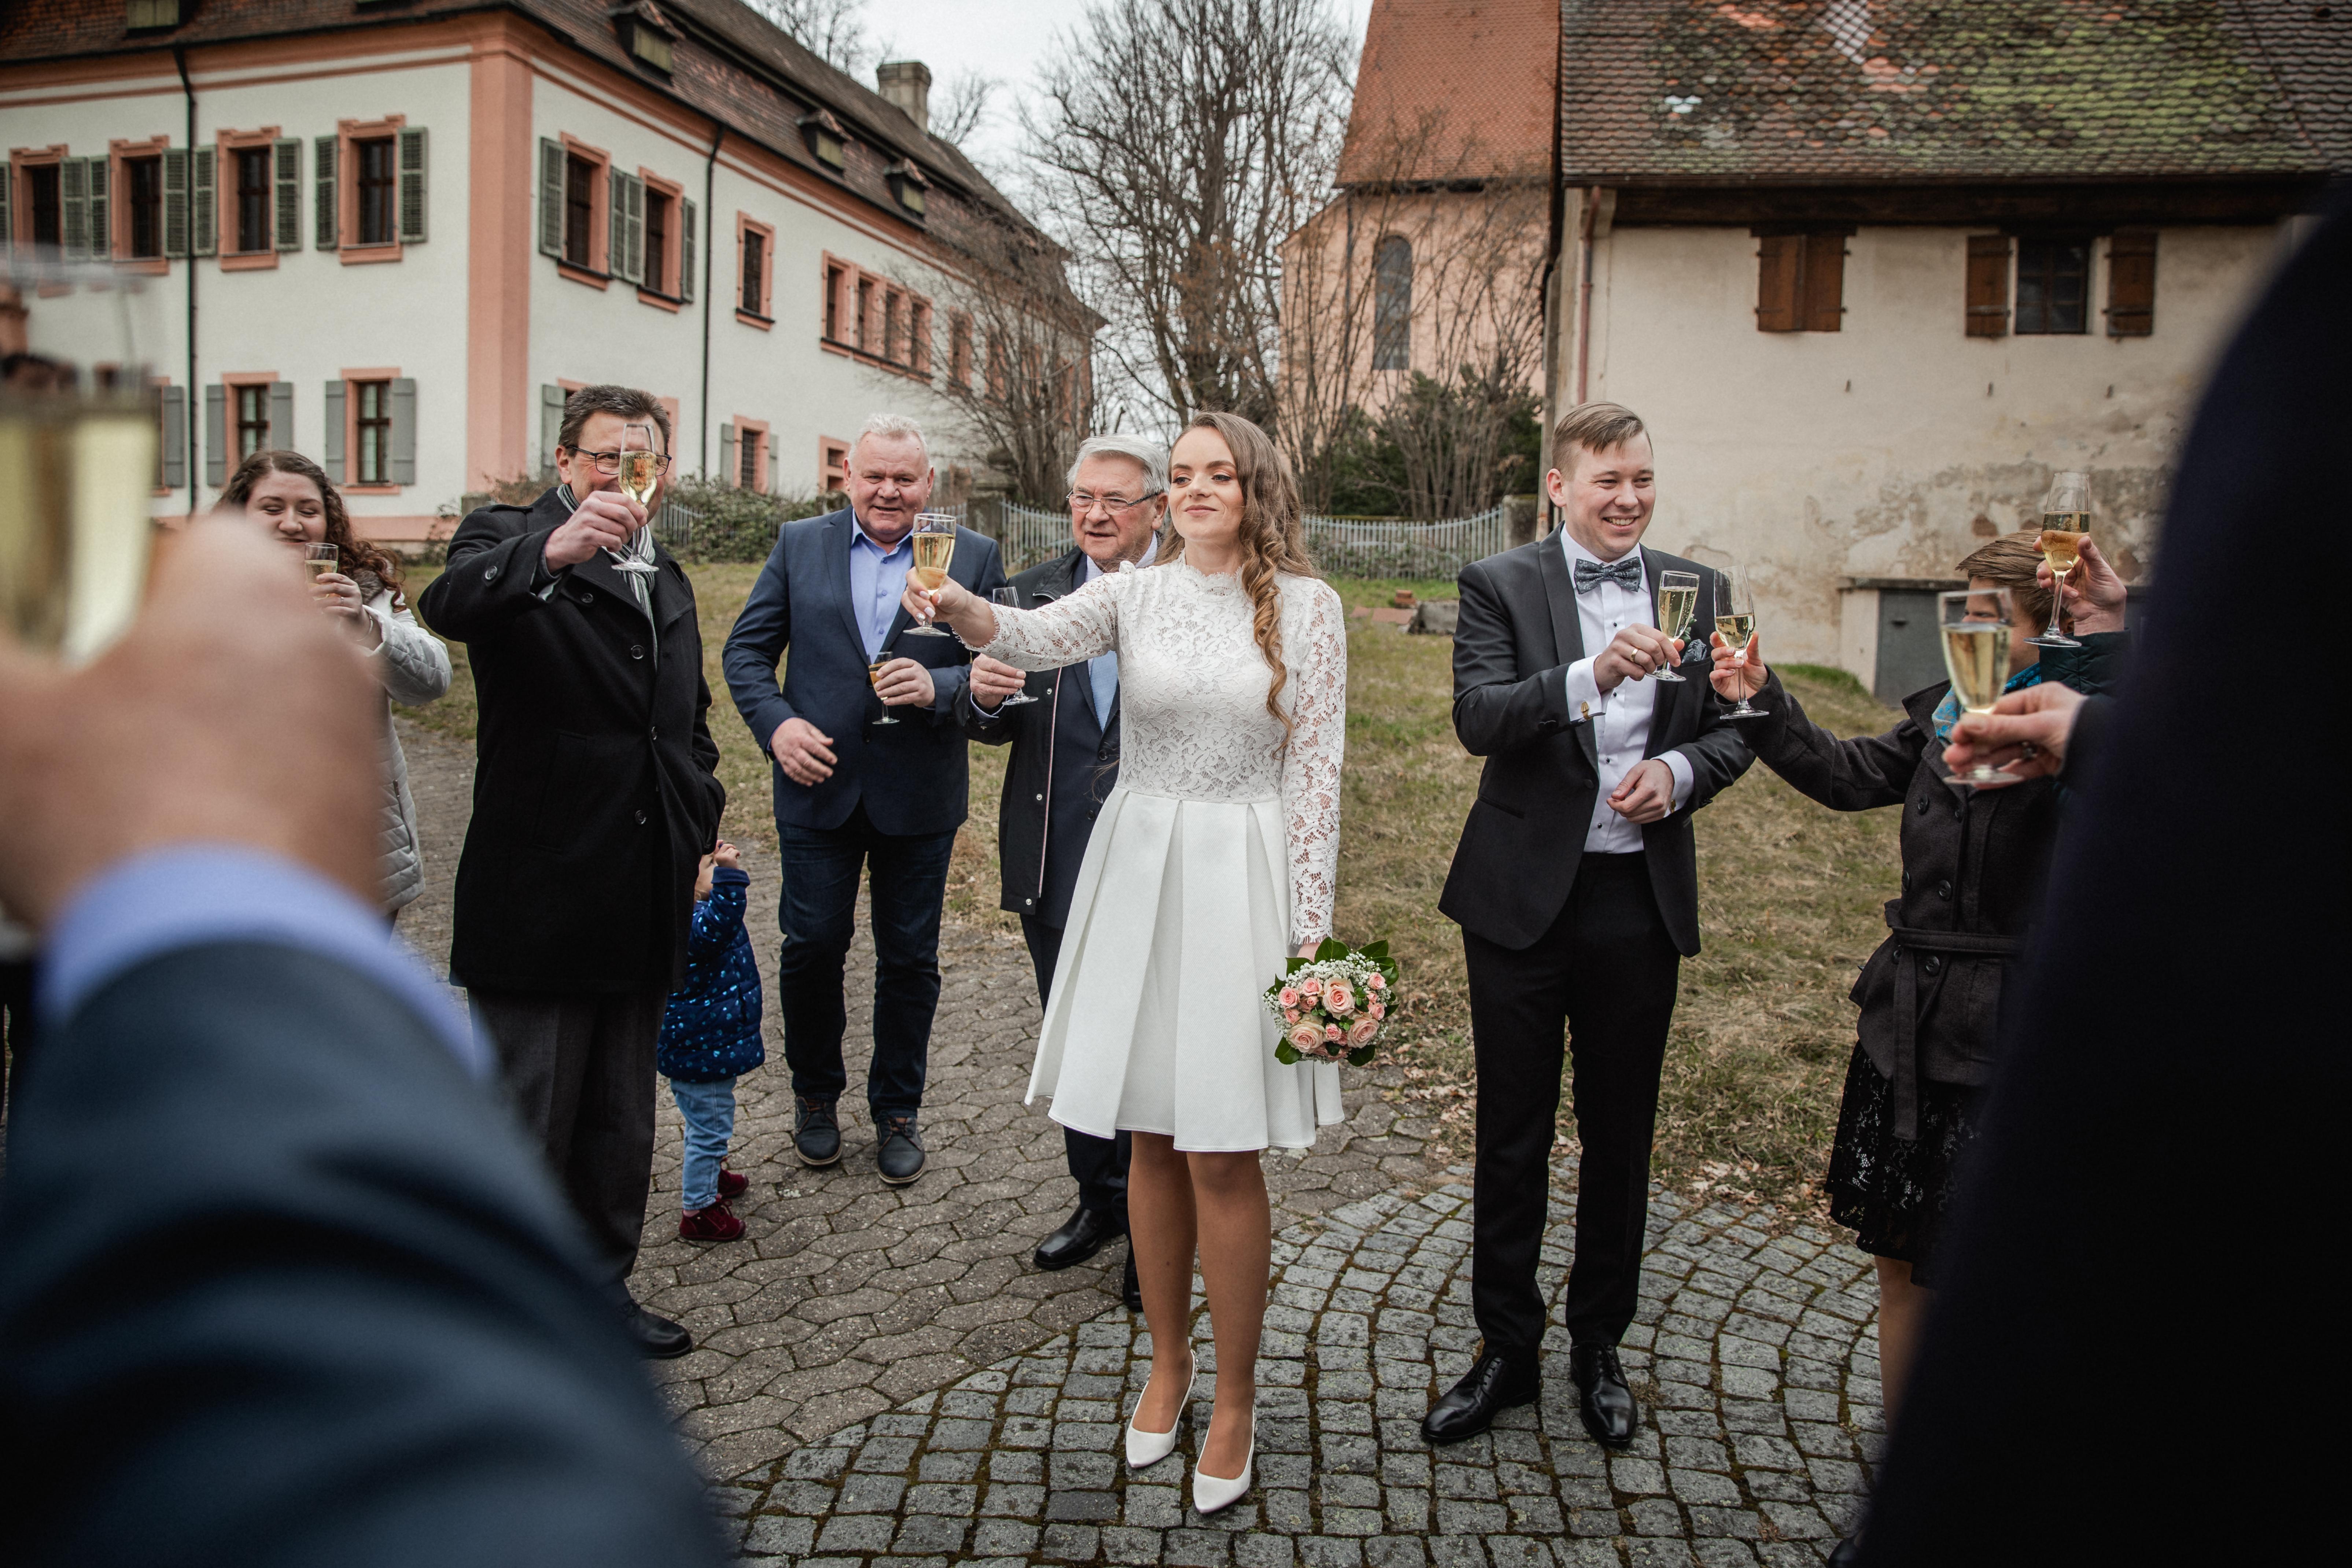 Hochzeitsfotograf-Grossgruendlach-Standesamt-Hallerschloss-Urbanerie-Stazija-und-Michael-058